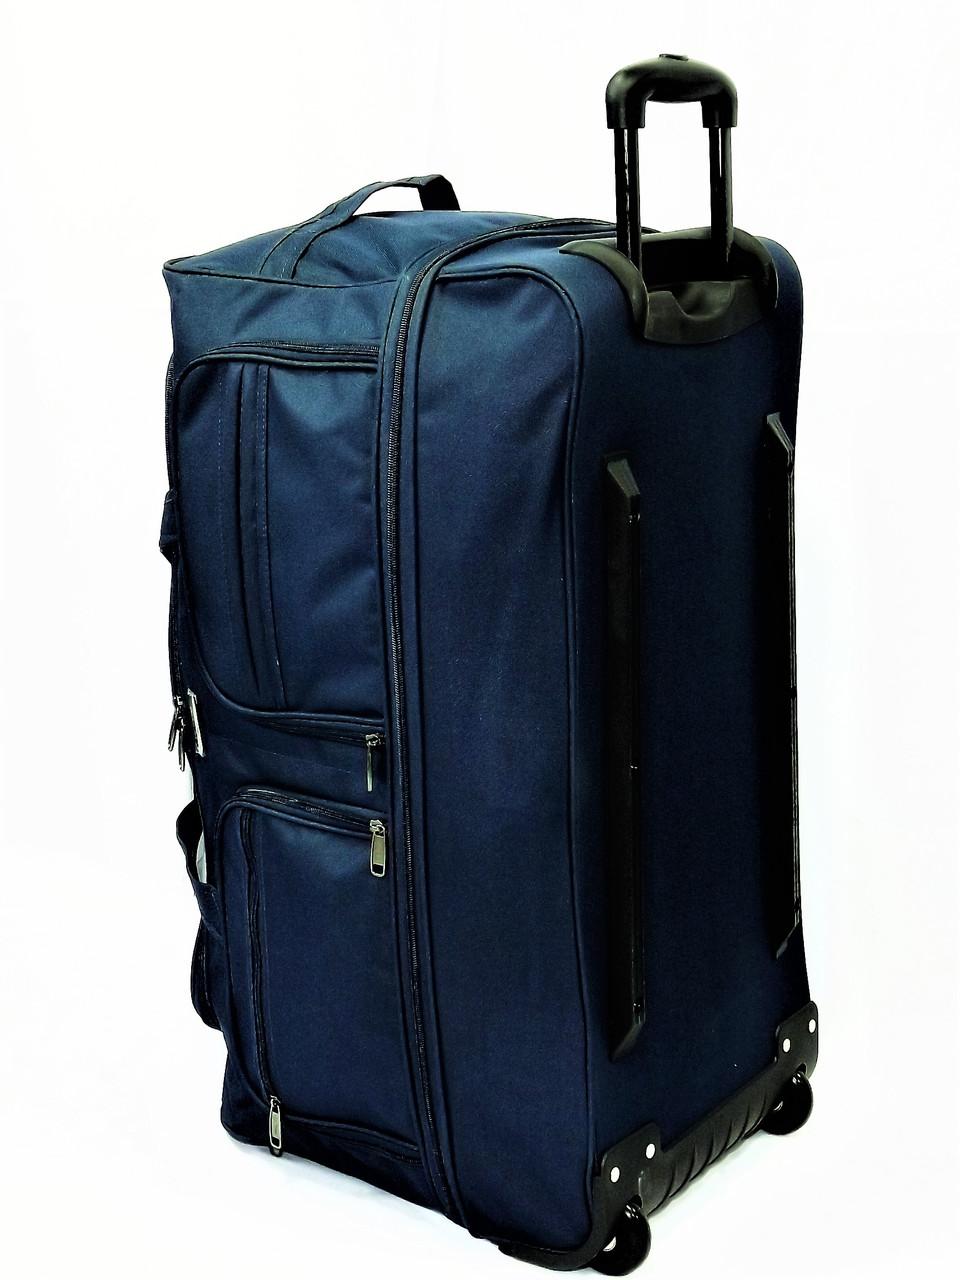 ca4faf5133f9 Сумка дорожная на колесах большая My Travel T-70-1 синяя, цена 1 068 ...